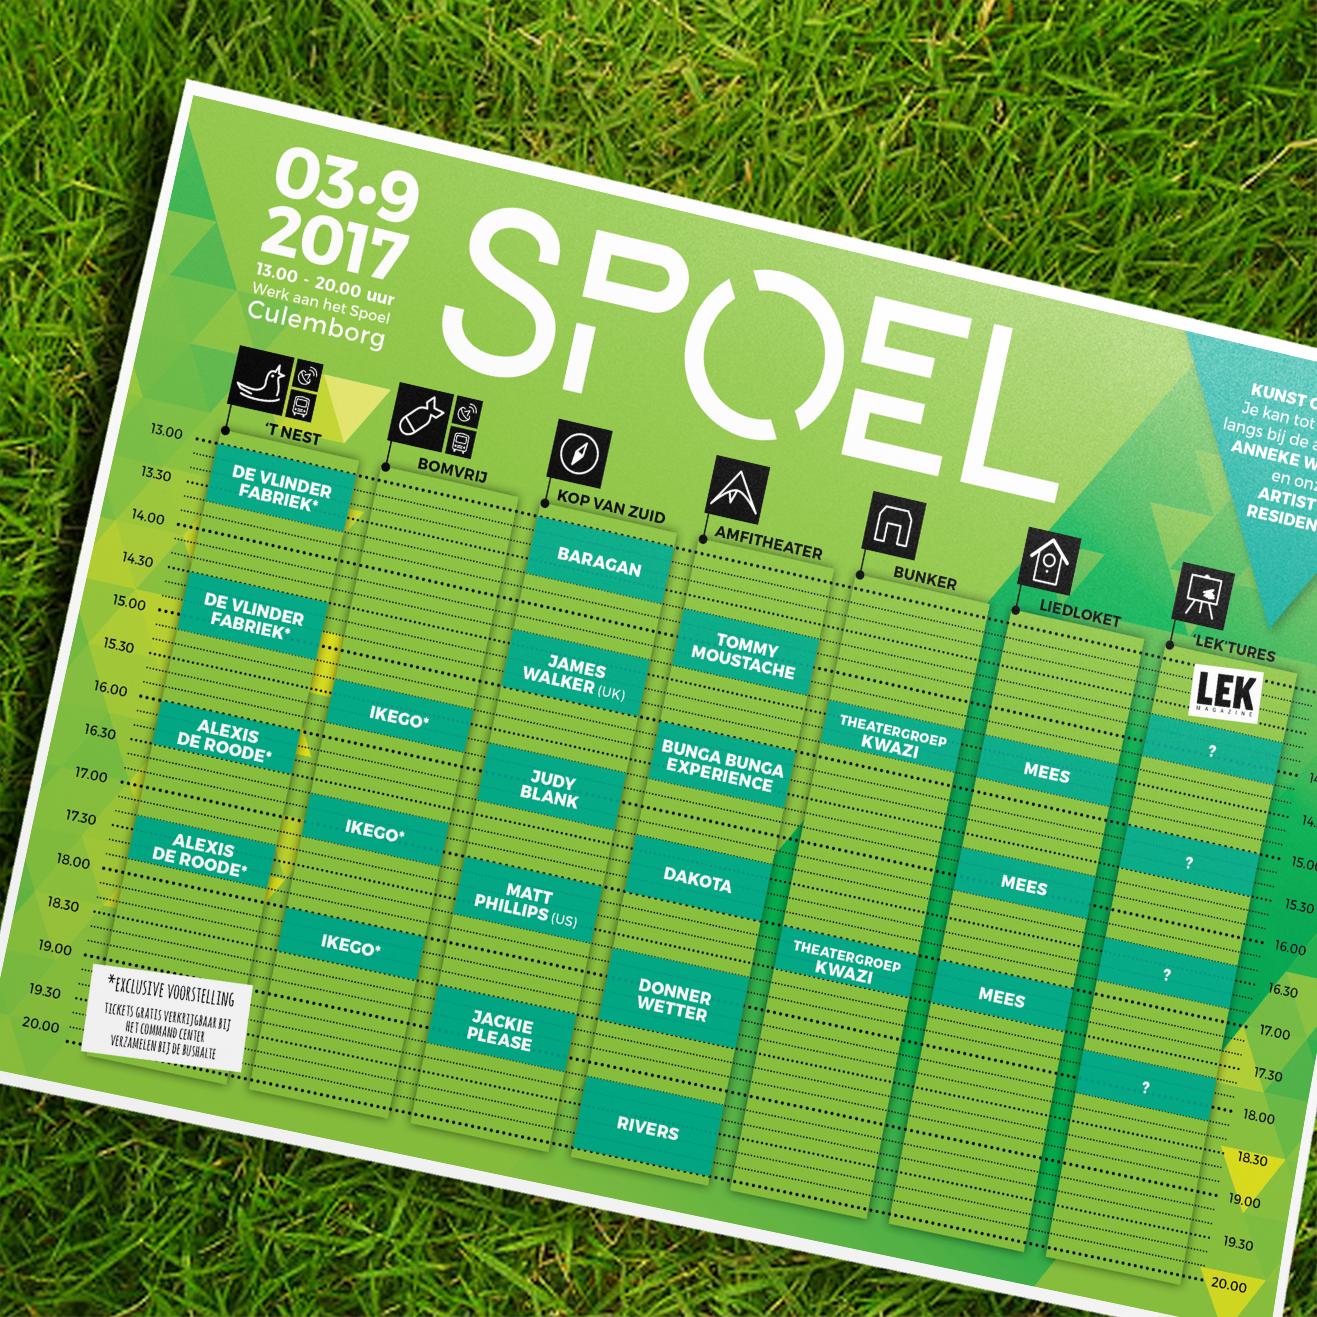 SPOEL festival_Blokkenschema in het gras